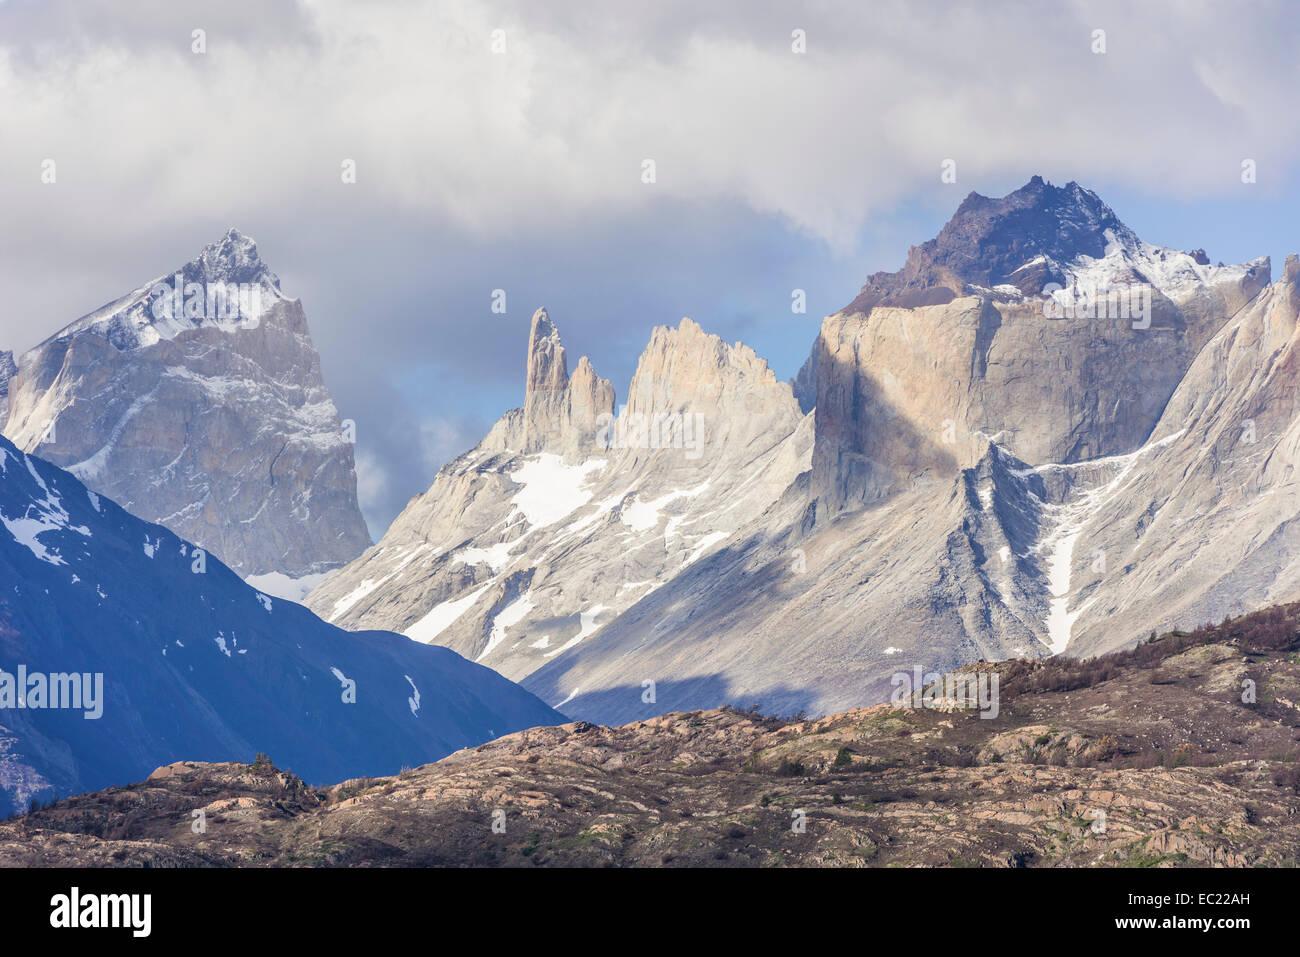 Summit Cuernos, Paine Grande Massif, Torres del Paine National Park, Magallanes y la Antártica Chilena Region, - Stock Image